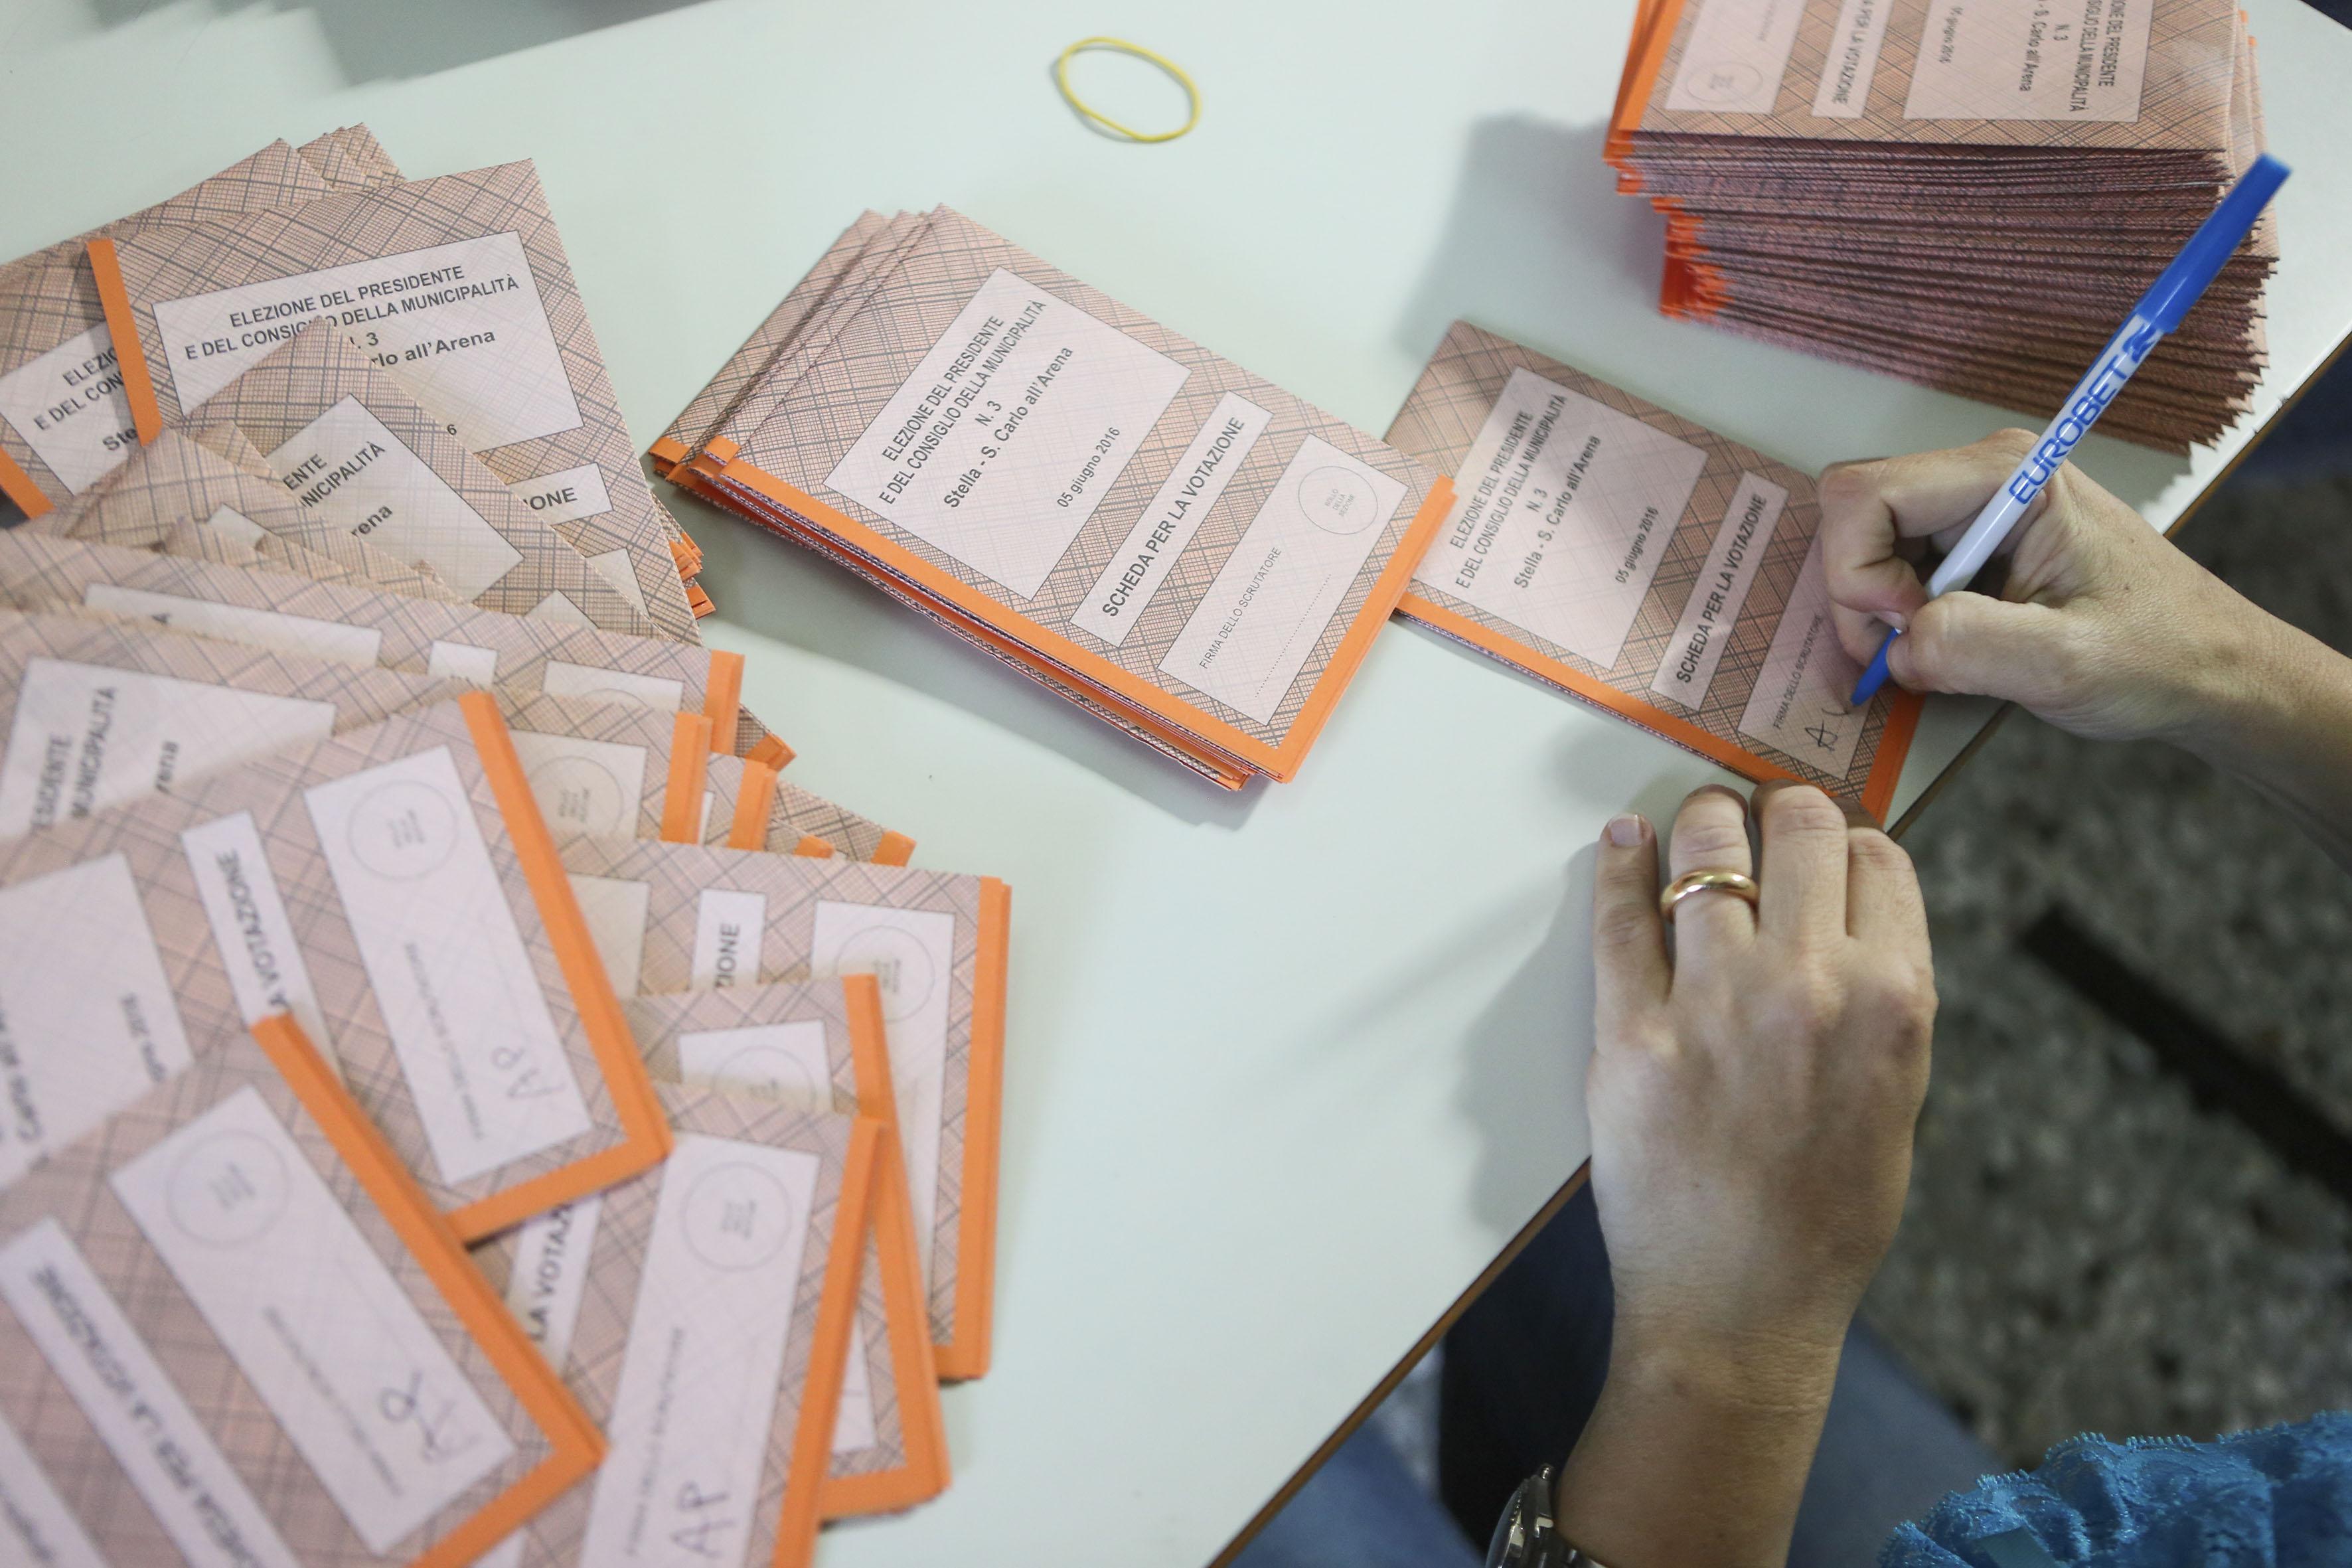 Elezioni a Napoli, i dati delle municipalità: due vanno a Lettieri, tre alla Valente, cinque a de Magistris